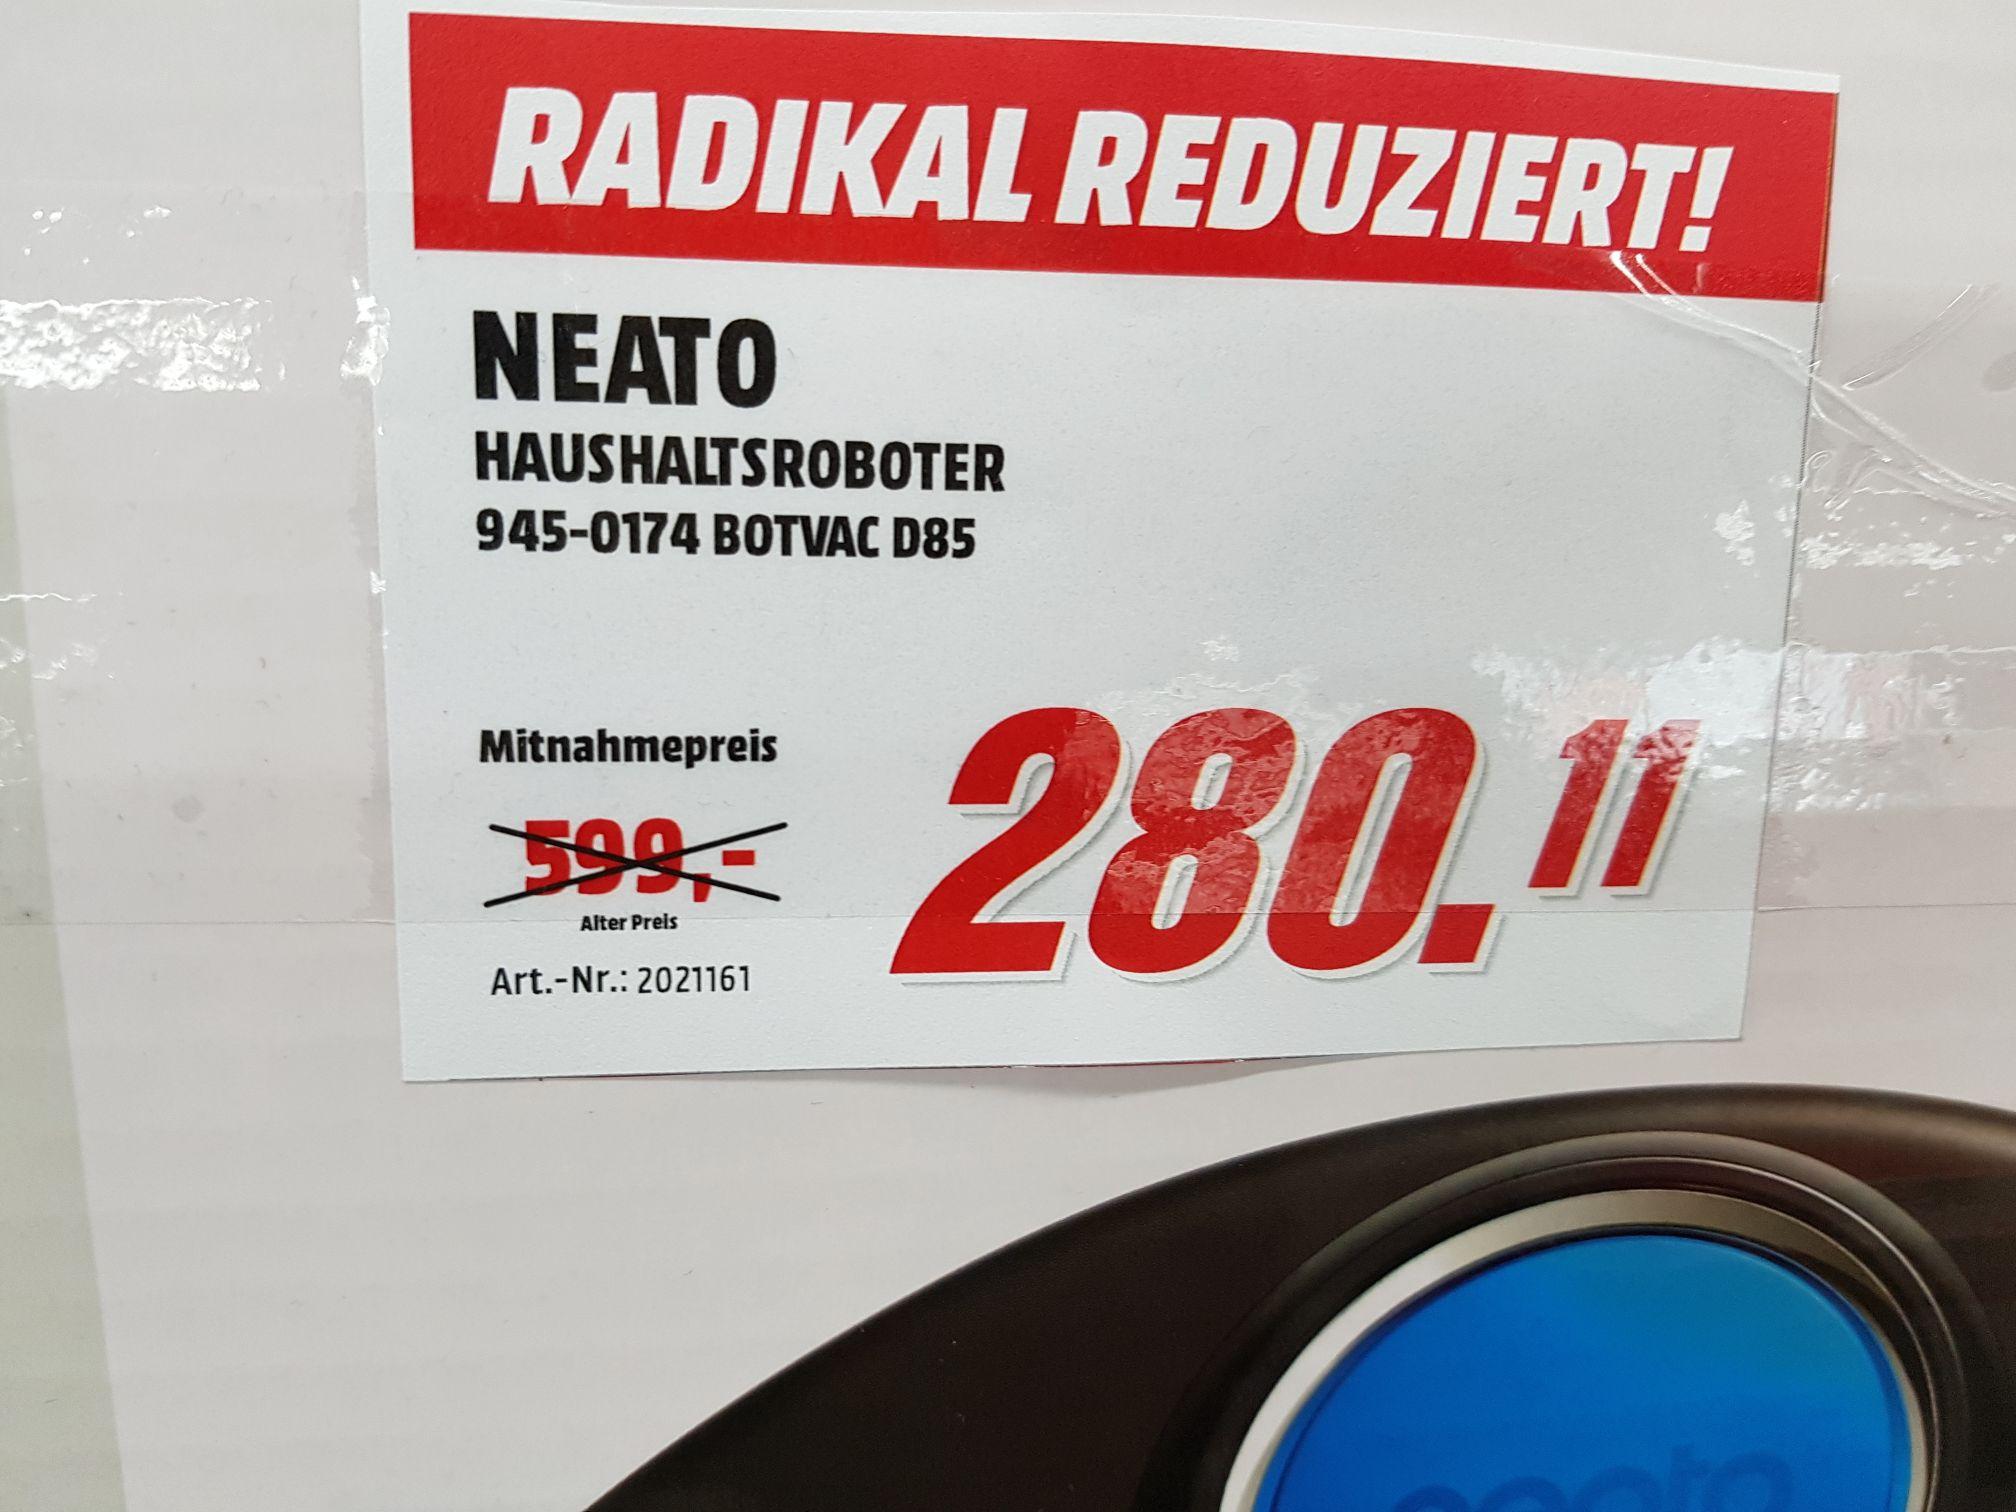 Neato 945-0174 Botvac D85 und Neato D5. Lokal in HH Altona  bei MM